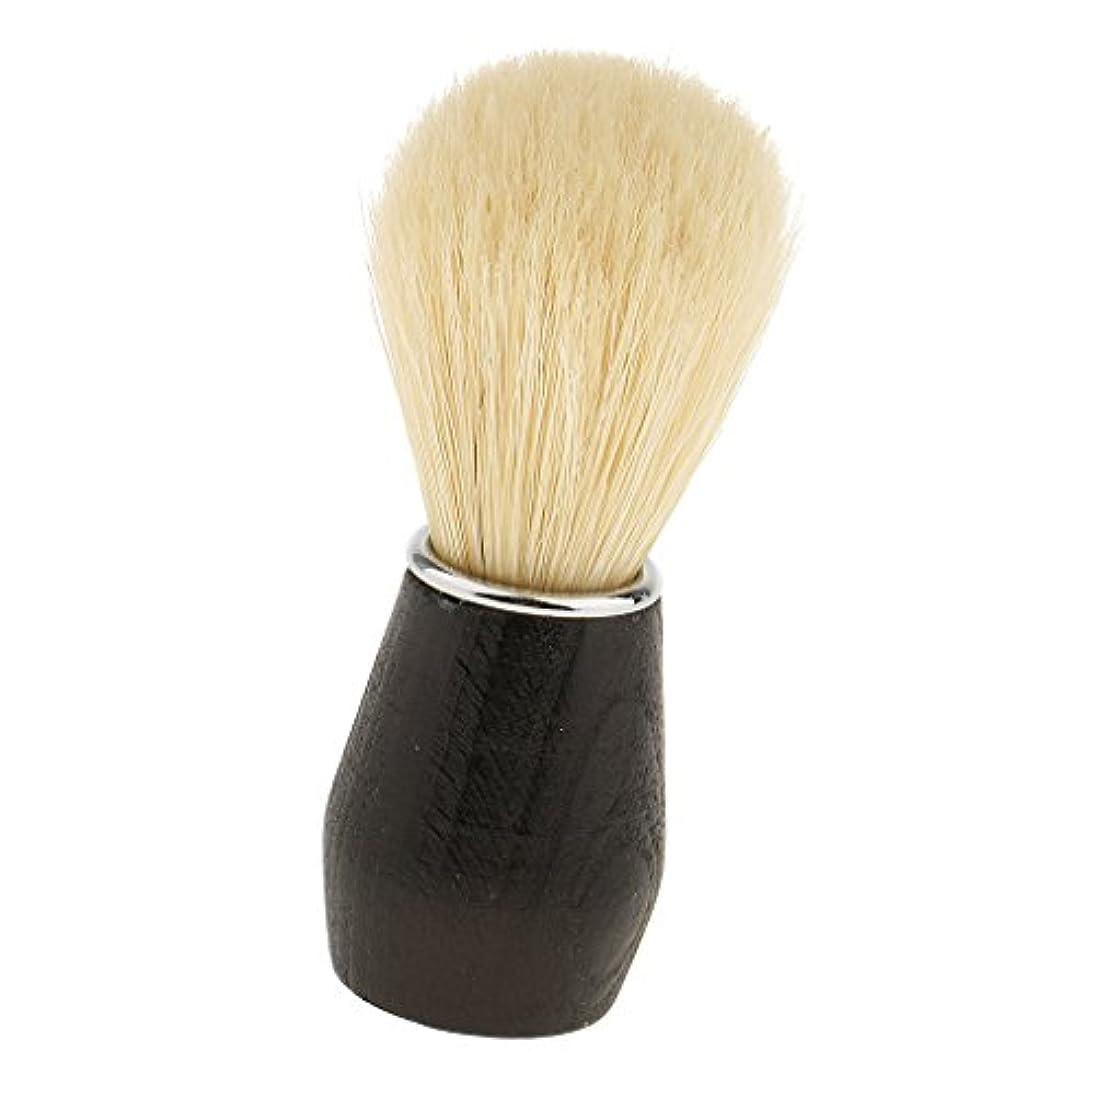 傾向がある買い物に行くあたたかいシェービングブラシ ヘアシェービングブラシ 毛髭ブラシ 髭剃り 泡立ち メンズ ソフト 父のギフト